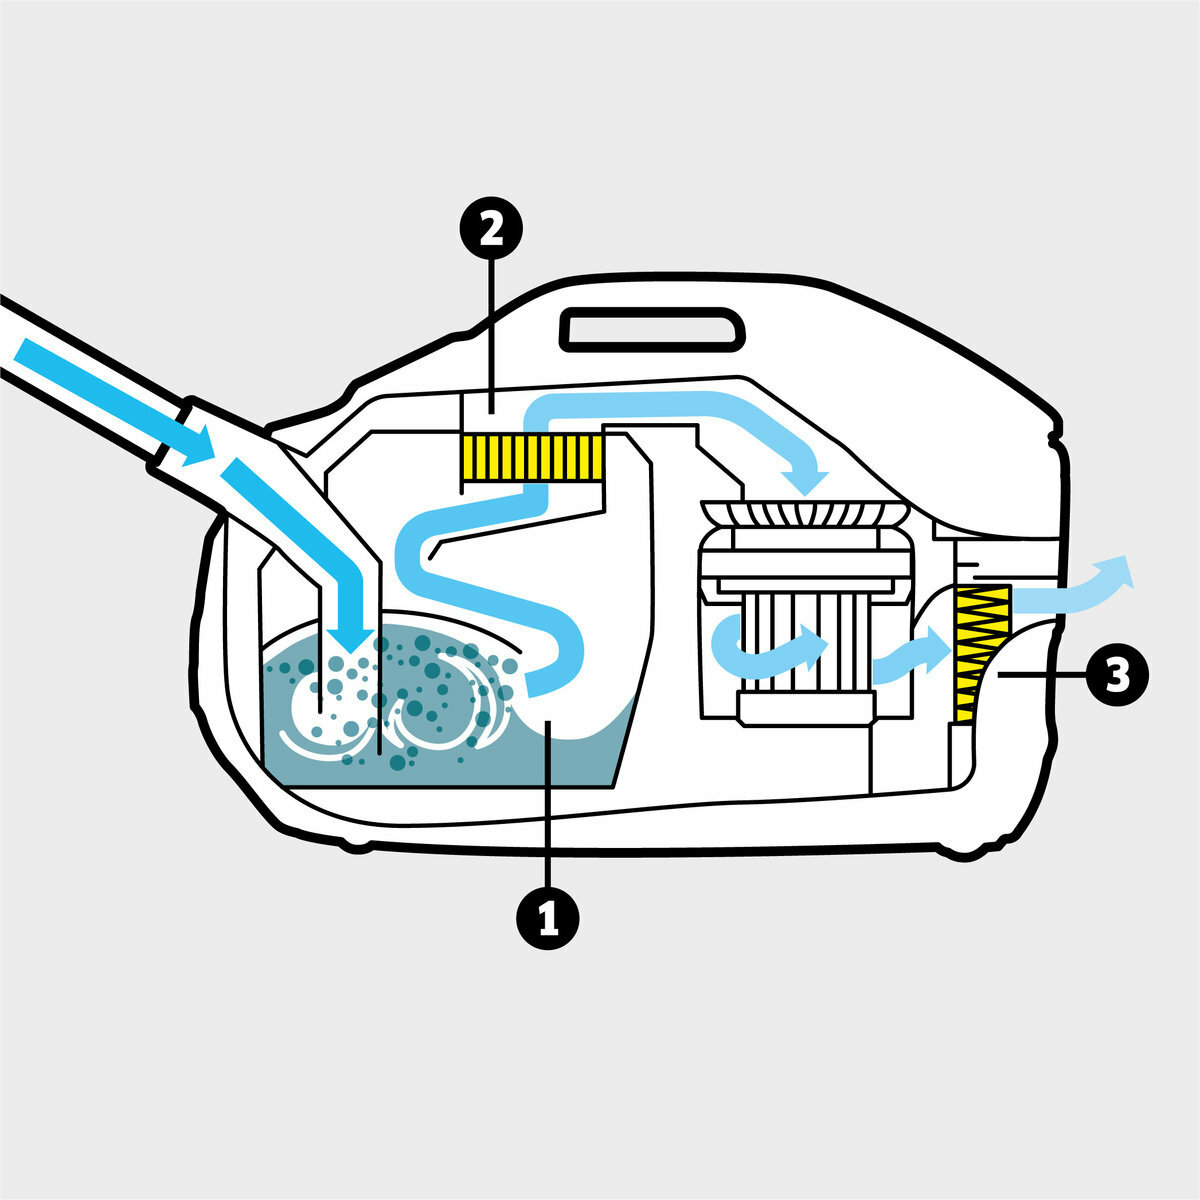 Пылесос с аквафильтром DS 6: Многоступенчатая система фильтрации включает в себя инновационный аквафильтр, промежуточный фильтр и фильтр HEPA